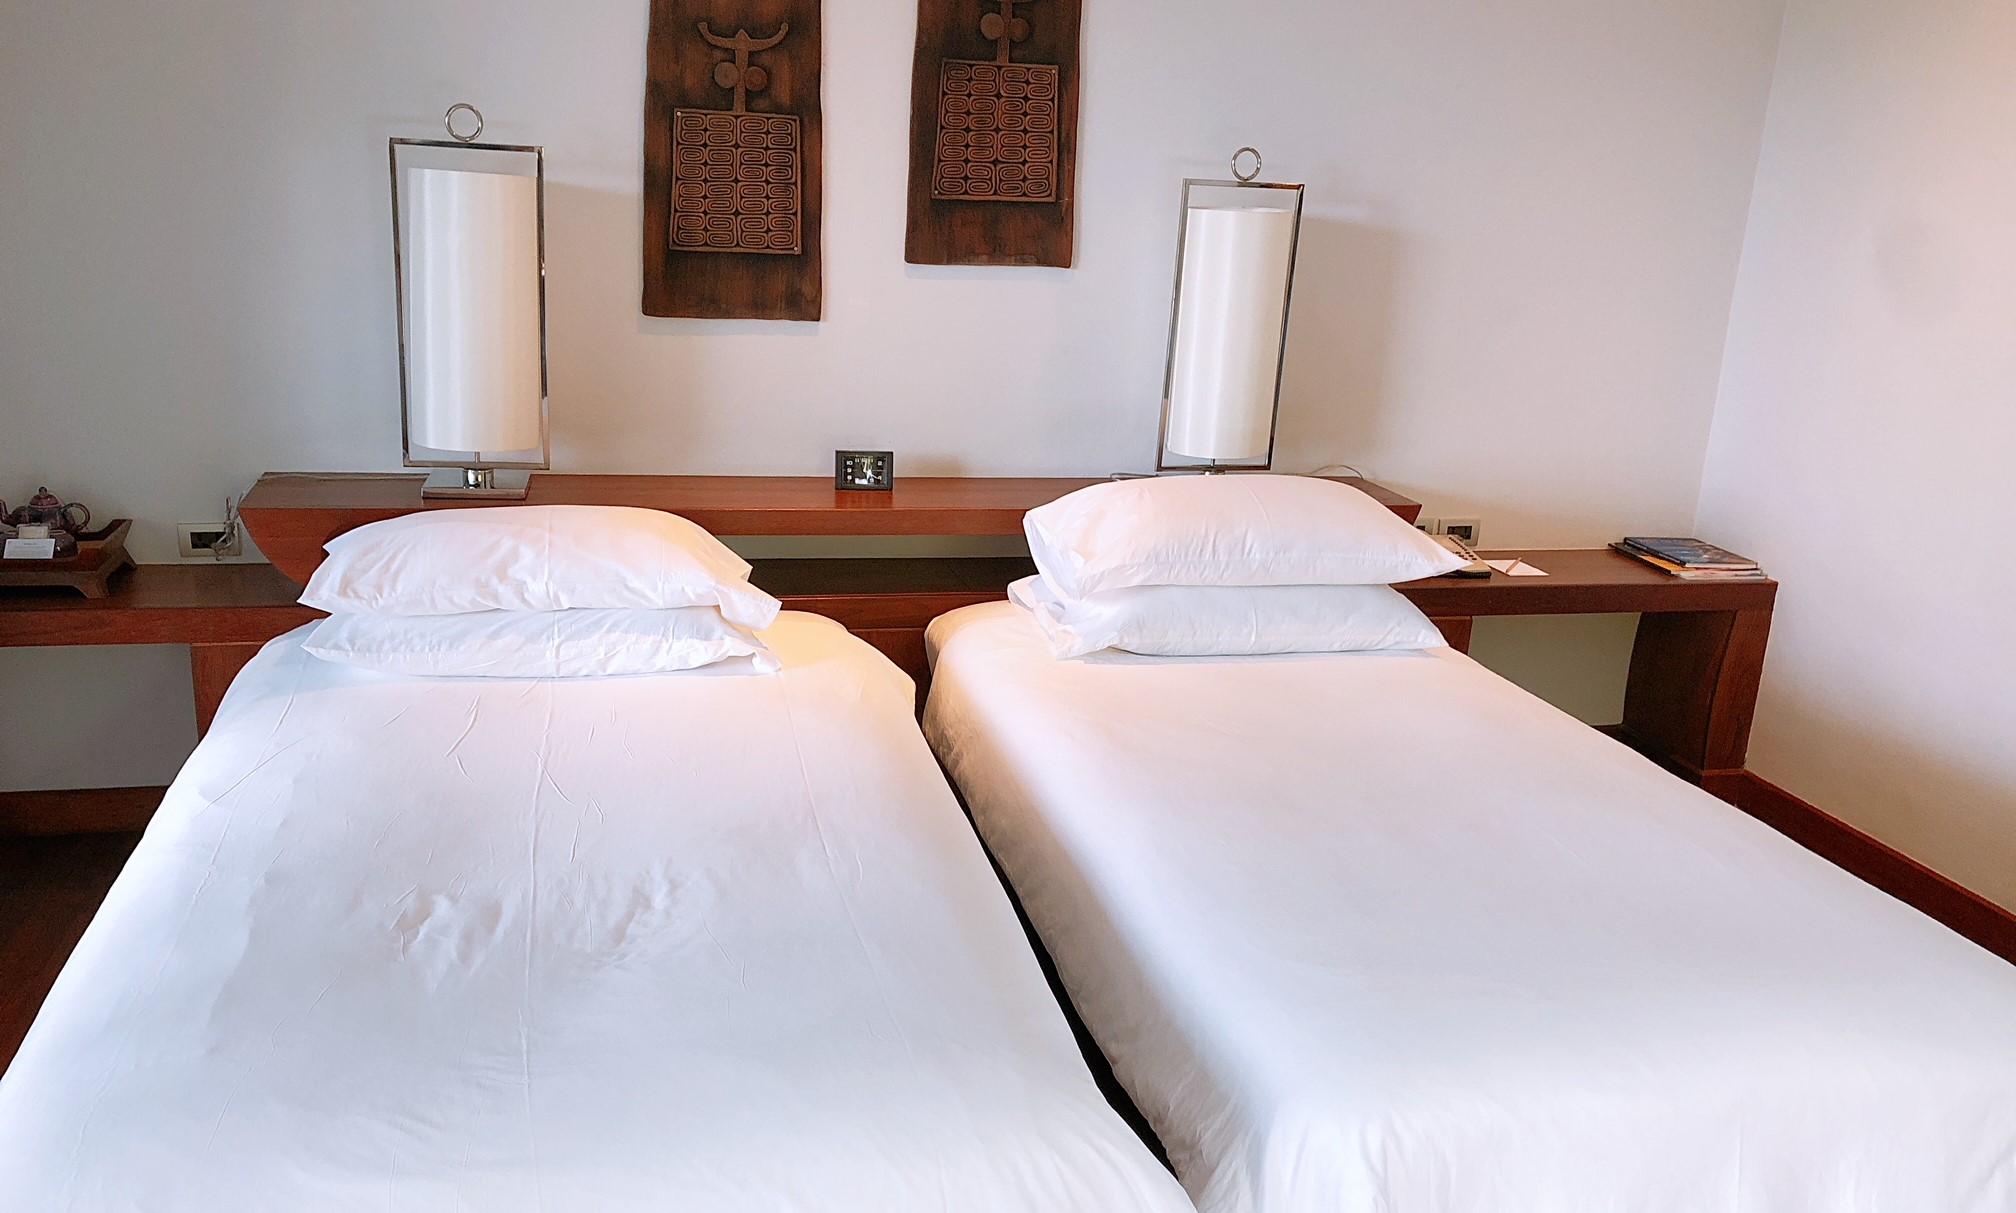 ピマライリゾート&スパの部屋の画像